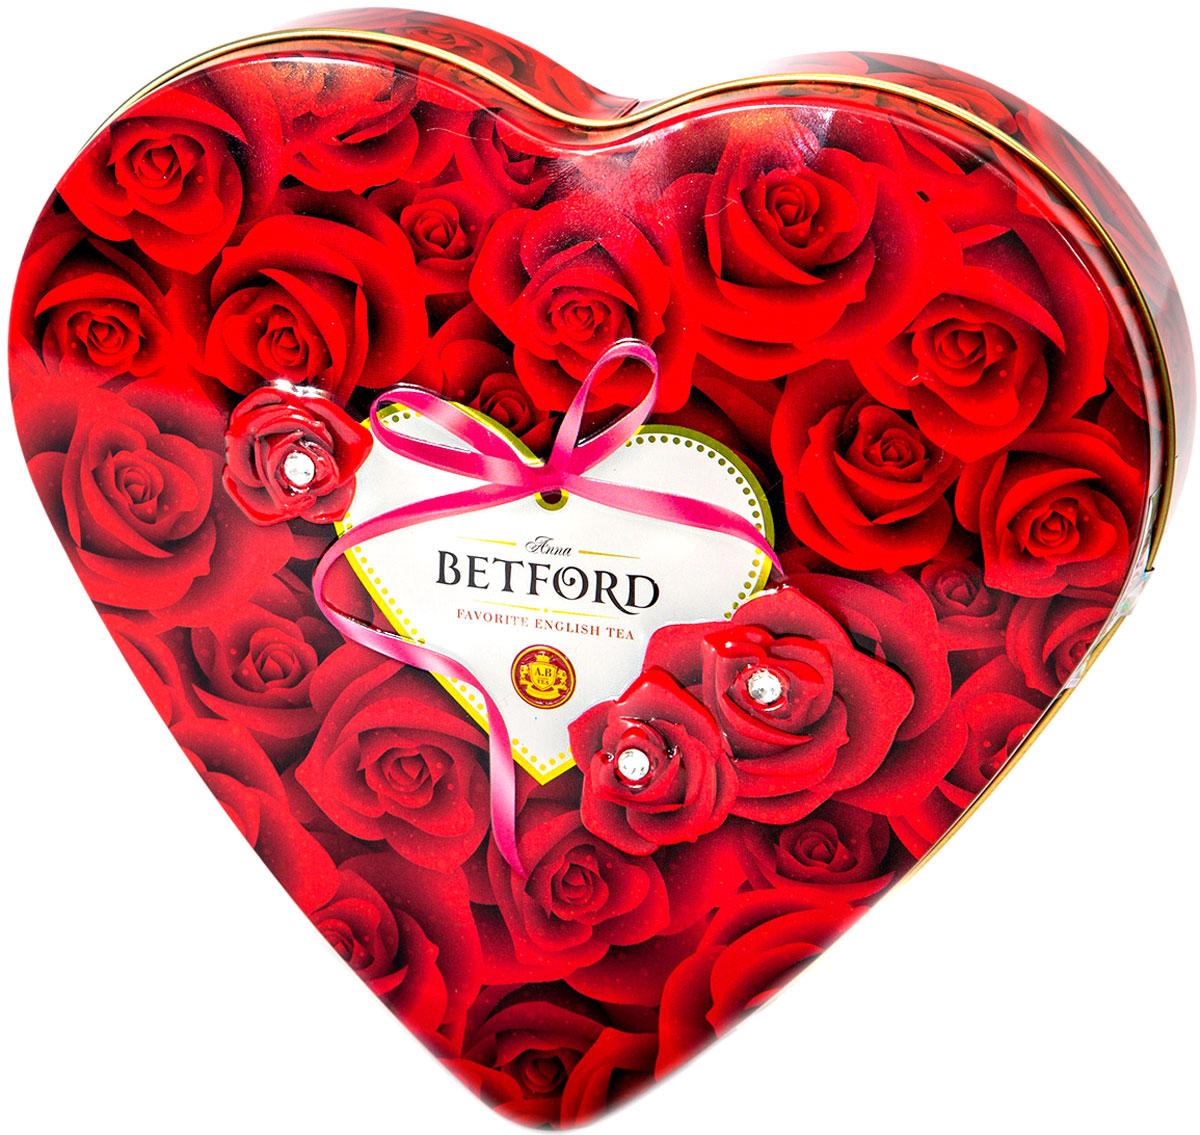 Betford Сердце С любовью чай черный байховый, 80 г4792021029240ОРА – Оранж пекое, категории А – чай из цельных (до 3-4 см длиной) верхних наиболее сочных листьев. При заваривании получается чайный напиток с оранжевым оттенком, нежным вкусом и ароматом.